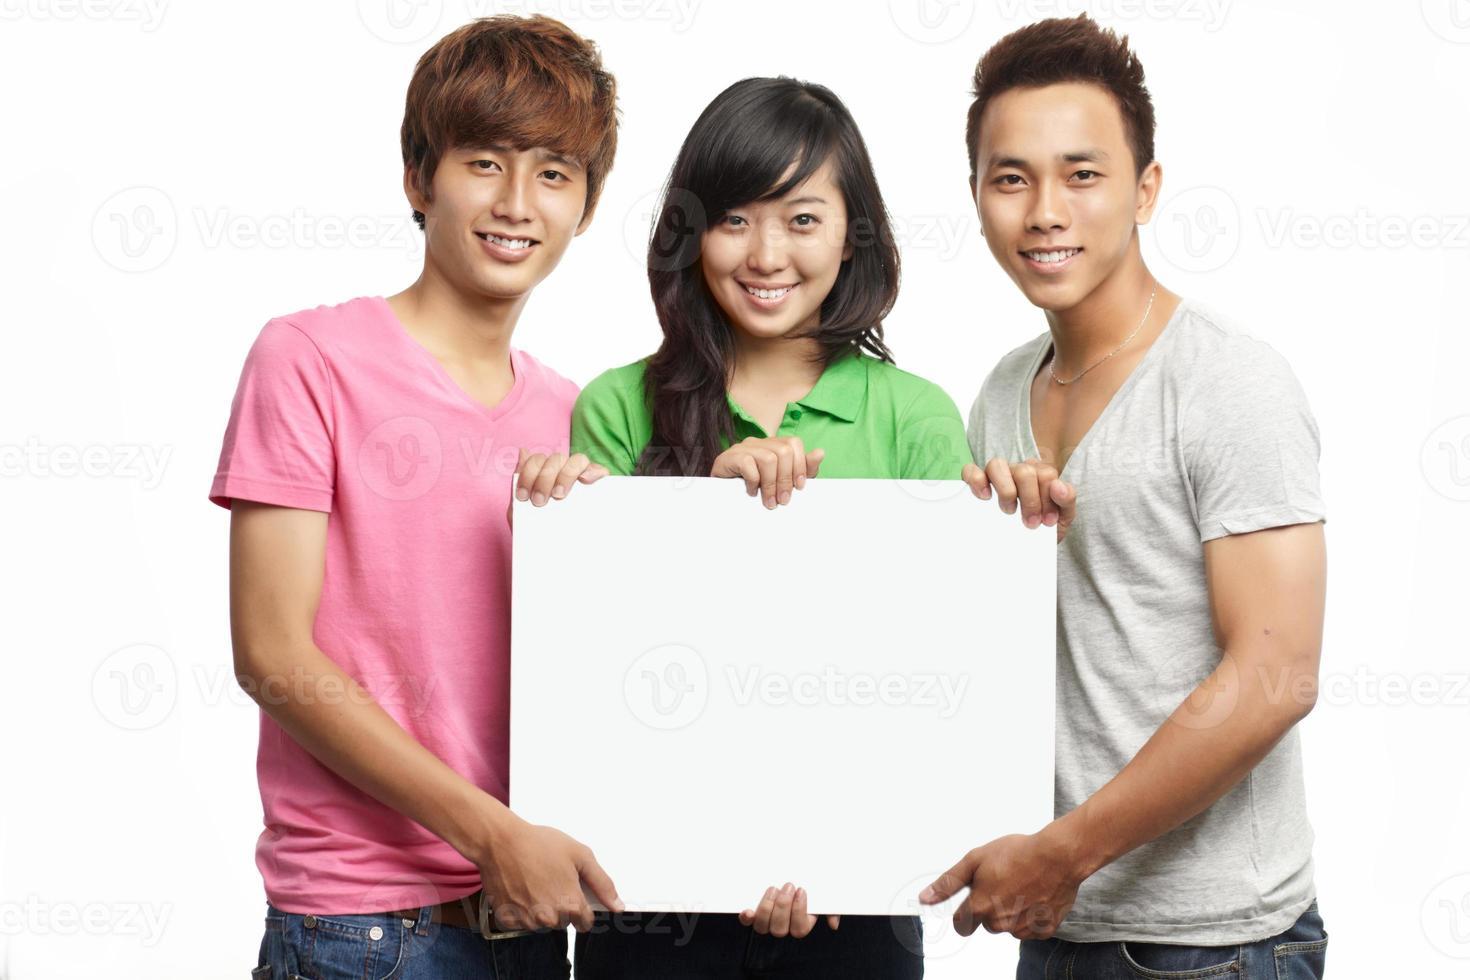 grupo de estudantes foto